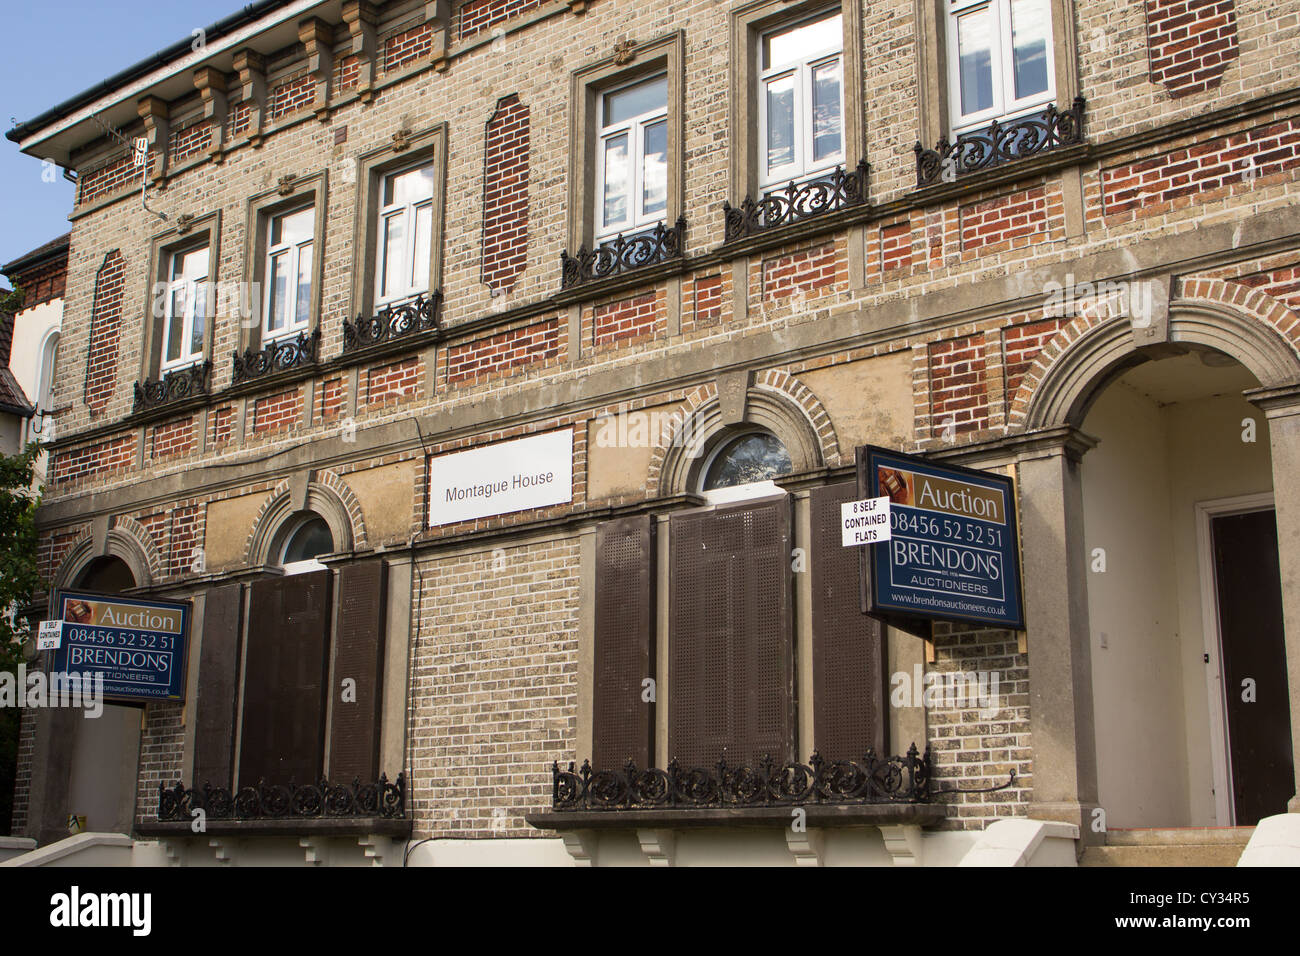 Property Auction signs. Salisbury England UK - Stock Image